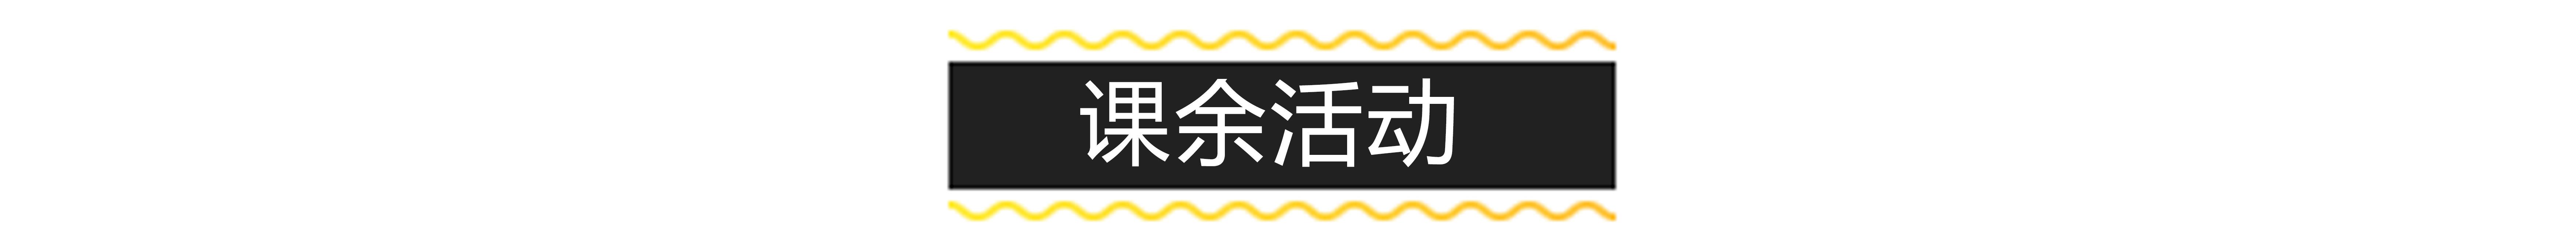 课余活动标题.jpg